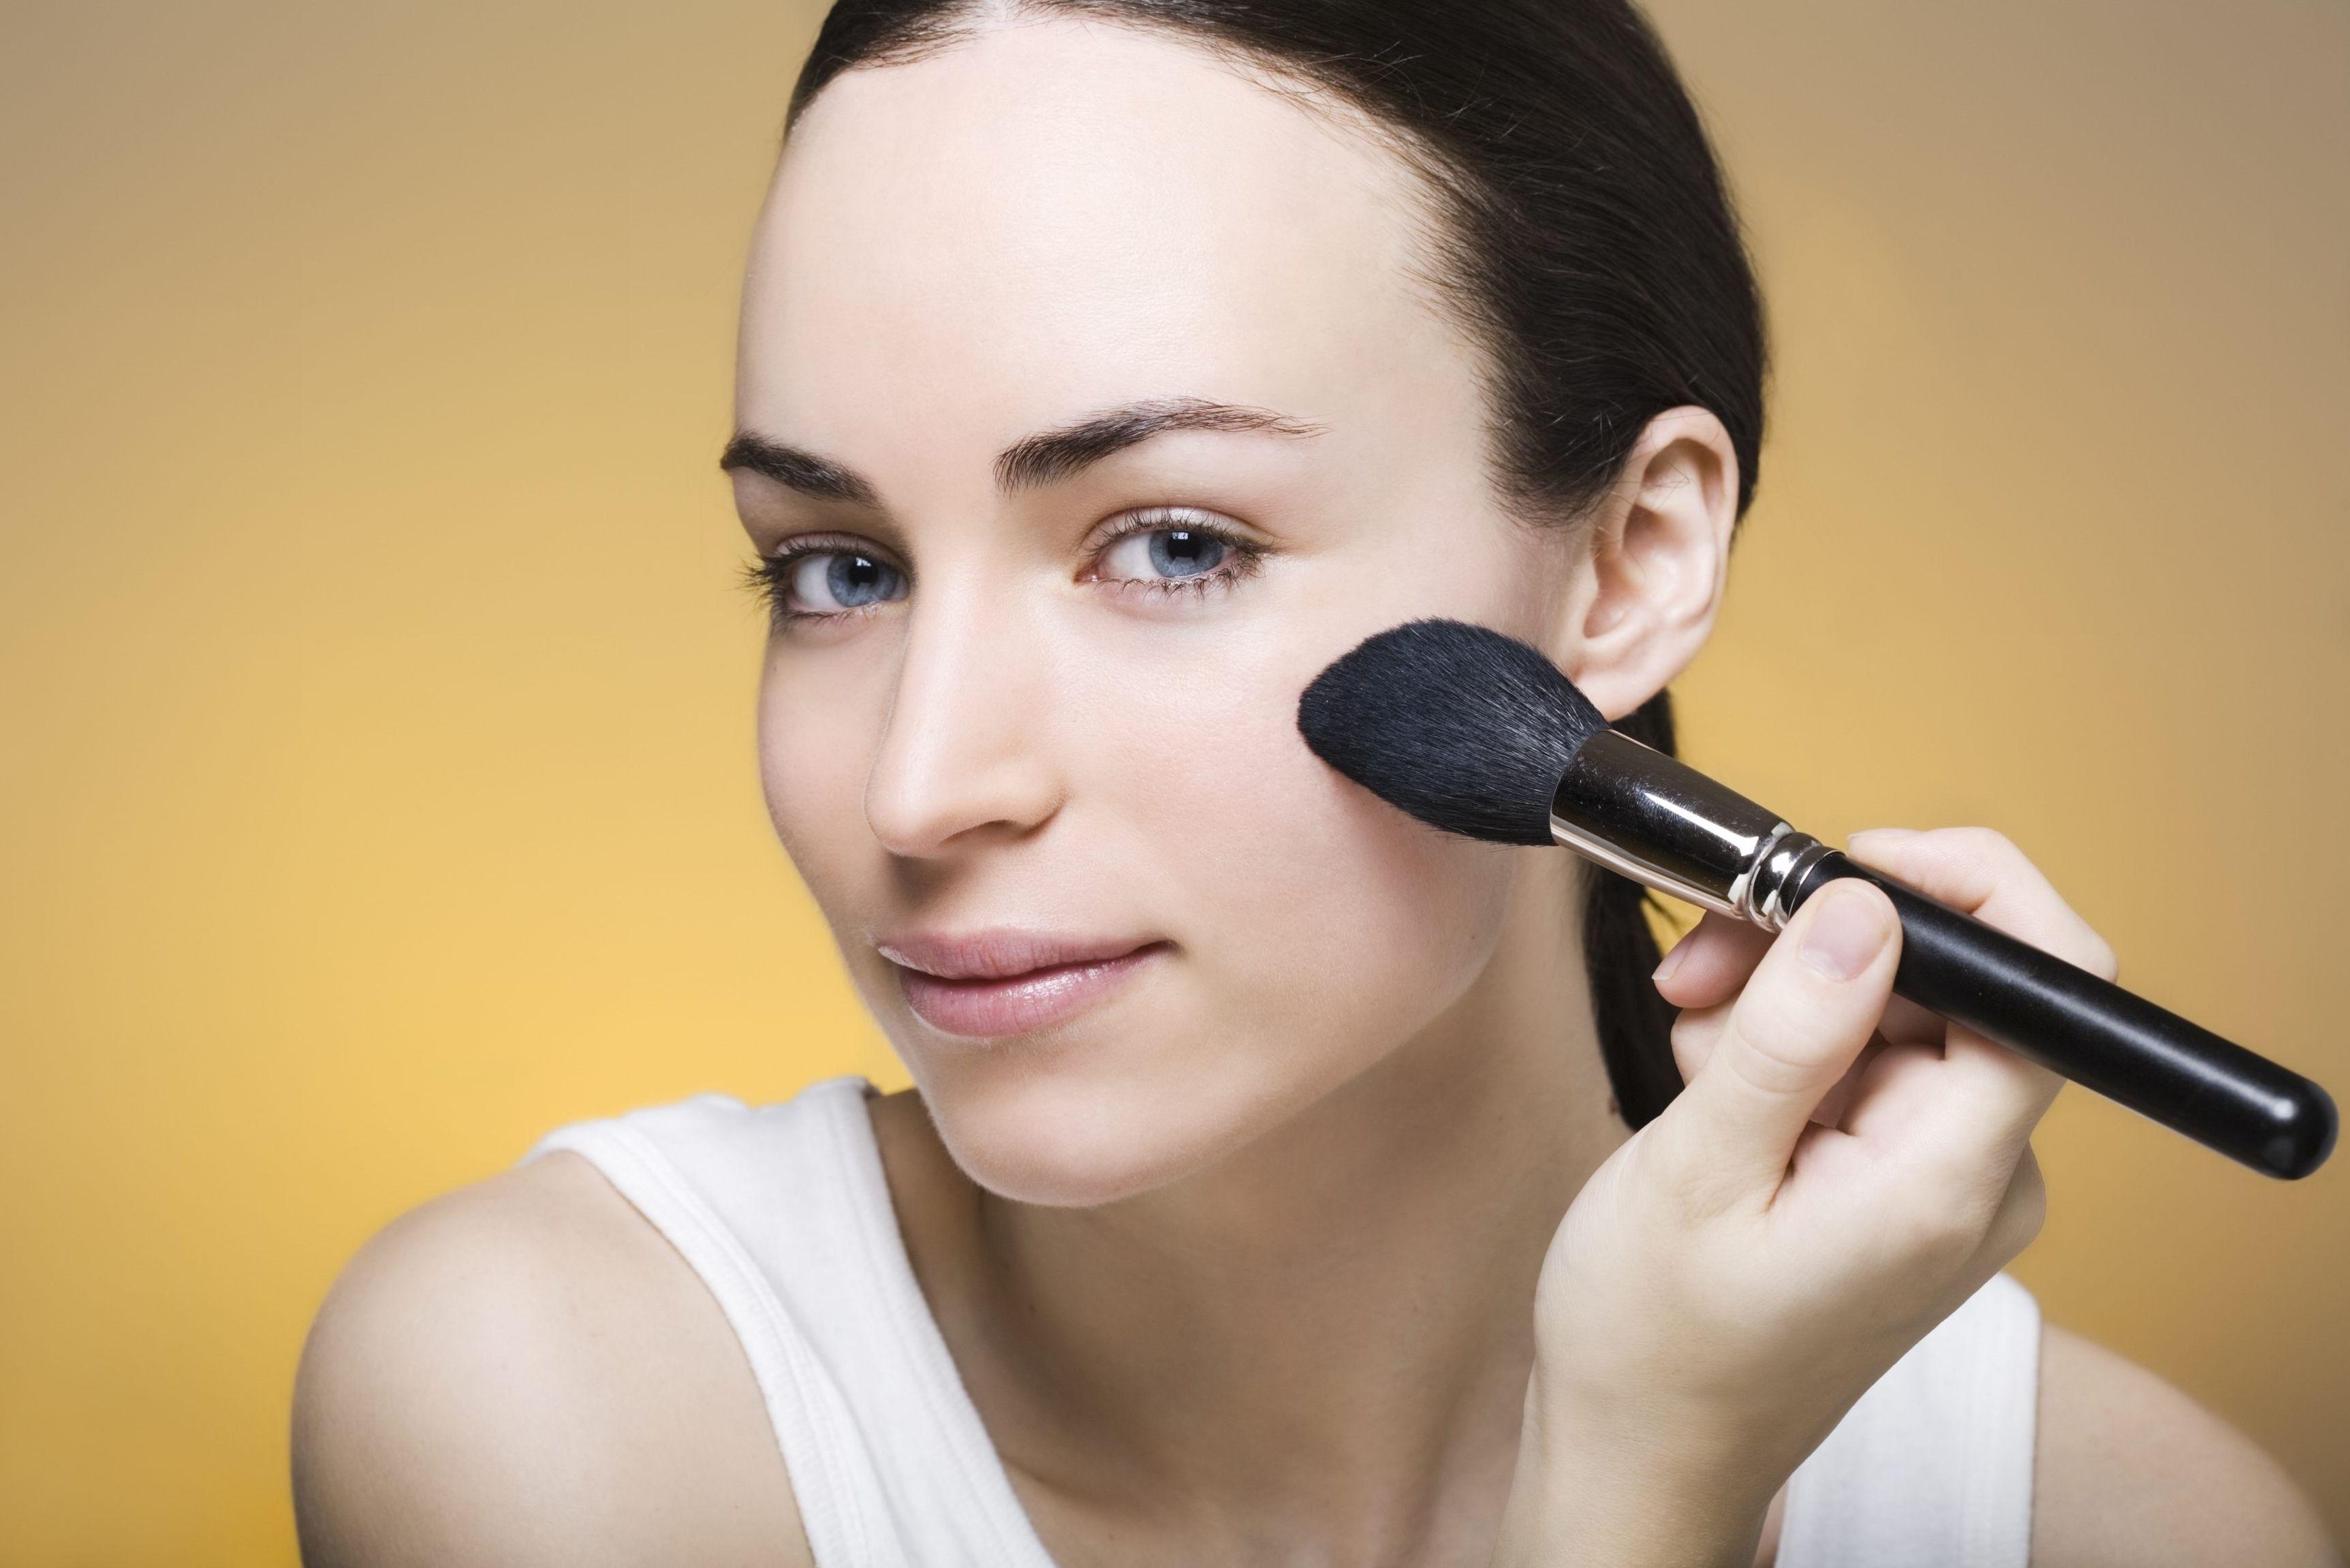 Makeup Ings To Avoid